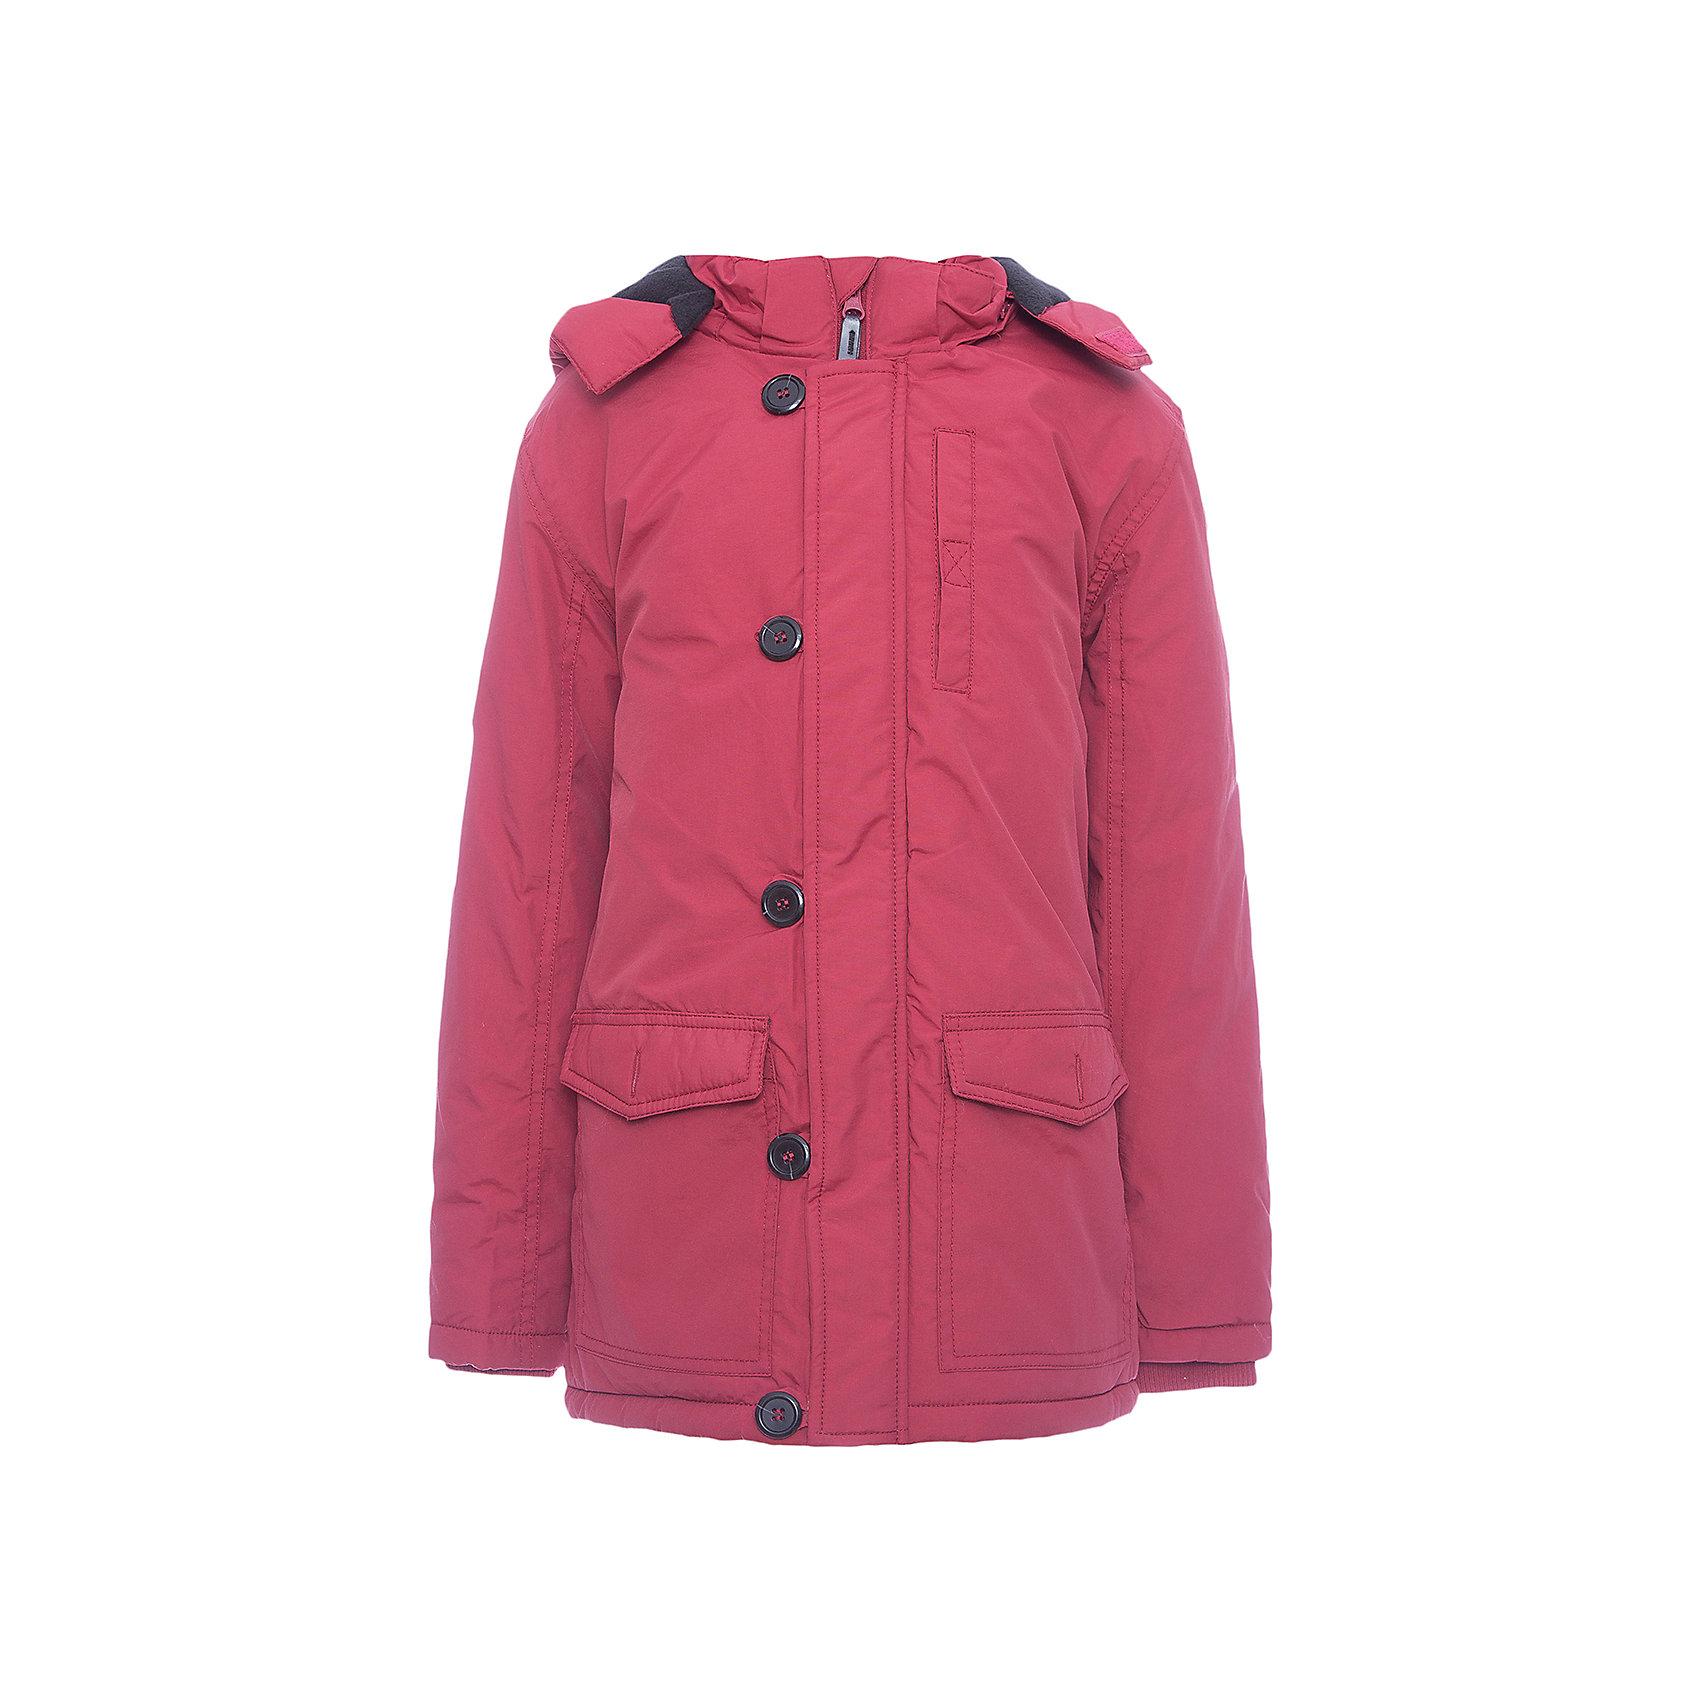 Куртка Scool для мальчикаВерхняя одежда<br>Куртка Scool для мальчика<br>Утепленная куртка - парка из водоотталкивающей ткани с капюшоном - отличное решение для промозглой погоды. Модель на молнии. Специальный карман для бегунка не позволит застежке травмировать нежную детскую кожу. Подкладка модели из мягкого флиса. Куртка с удлиненной спинкой. Капюшон на молнии, при необходимости его можно отстегнуть.  Рукава дополнены трикотажными манжетами для дополнительного сохранения тепла. Светоотражатели обеспечаат видимость ребенка в темное время суток.<br>Состав:<br>Верх: 100% нейлон, подкладка: 100% полиэстер, наполнитель: 100% полиэстер, 150 г/м2<br><br>Ширина мм: 356<br>Глубина мм: 10<br>Высота мм: 245<br>Вес г: 519<br>Цвет: красный<br>Возраст от месяцев: 156<br>Возраст до месяцев: 168<br>Пол: Мужской<br>Возраст: Детский<br>Размер: 164,134,140,146,152,158<br>SKU: 7104674